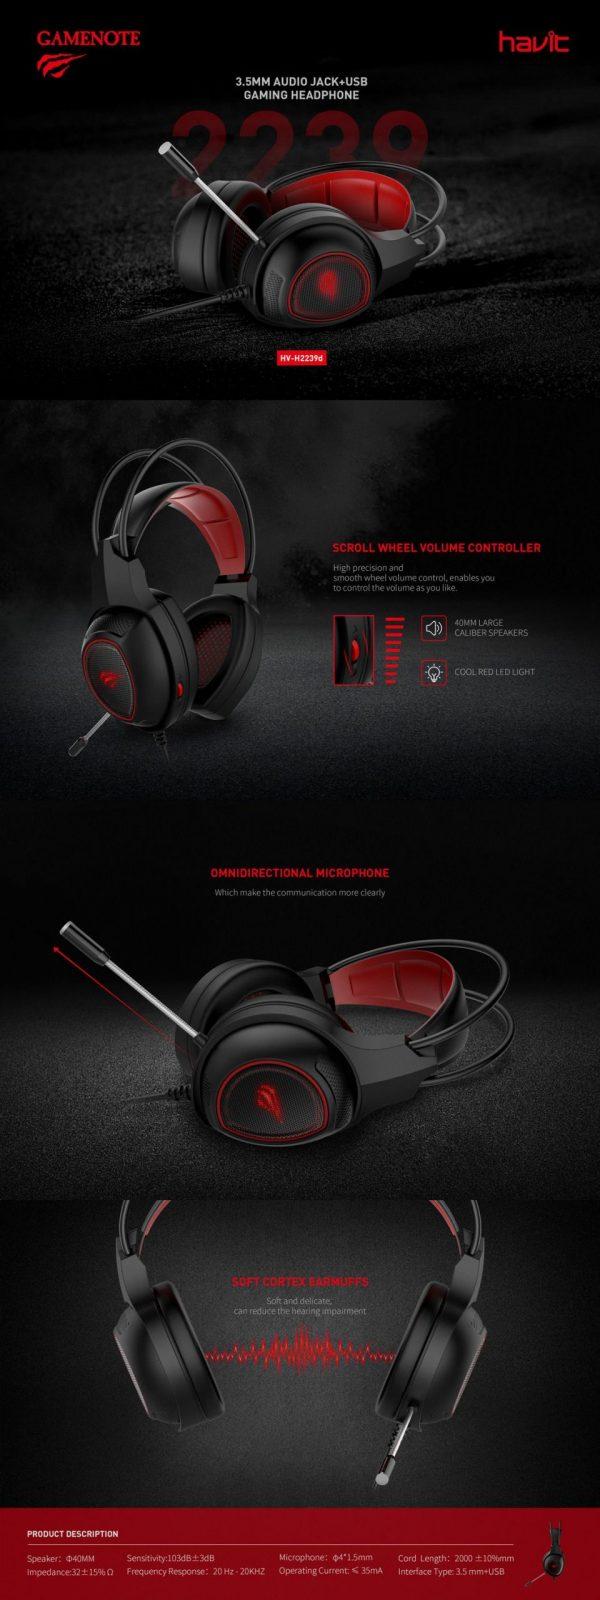 Havit Gamenote 3 5mm Audio Jackusb Gaming Headphones (2)